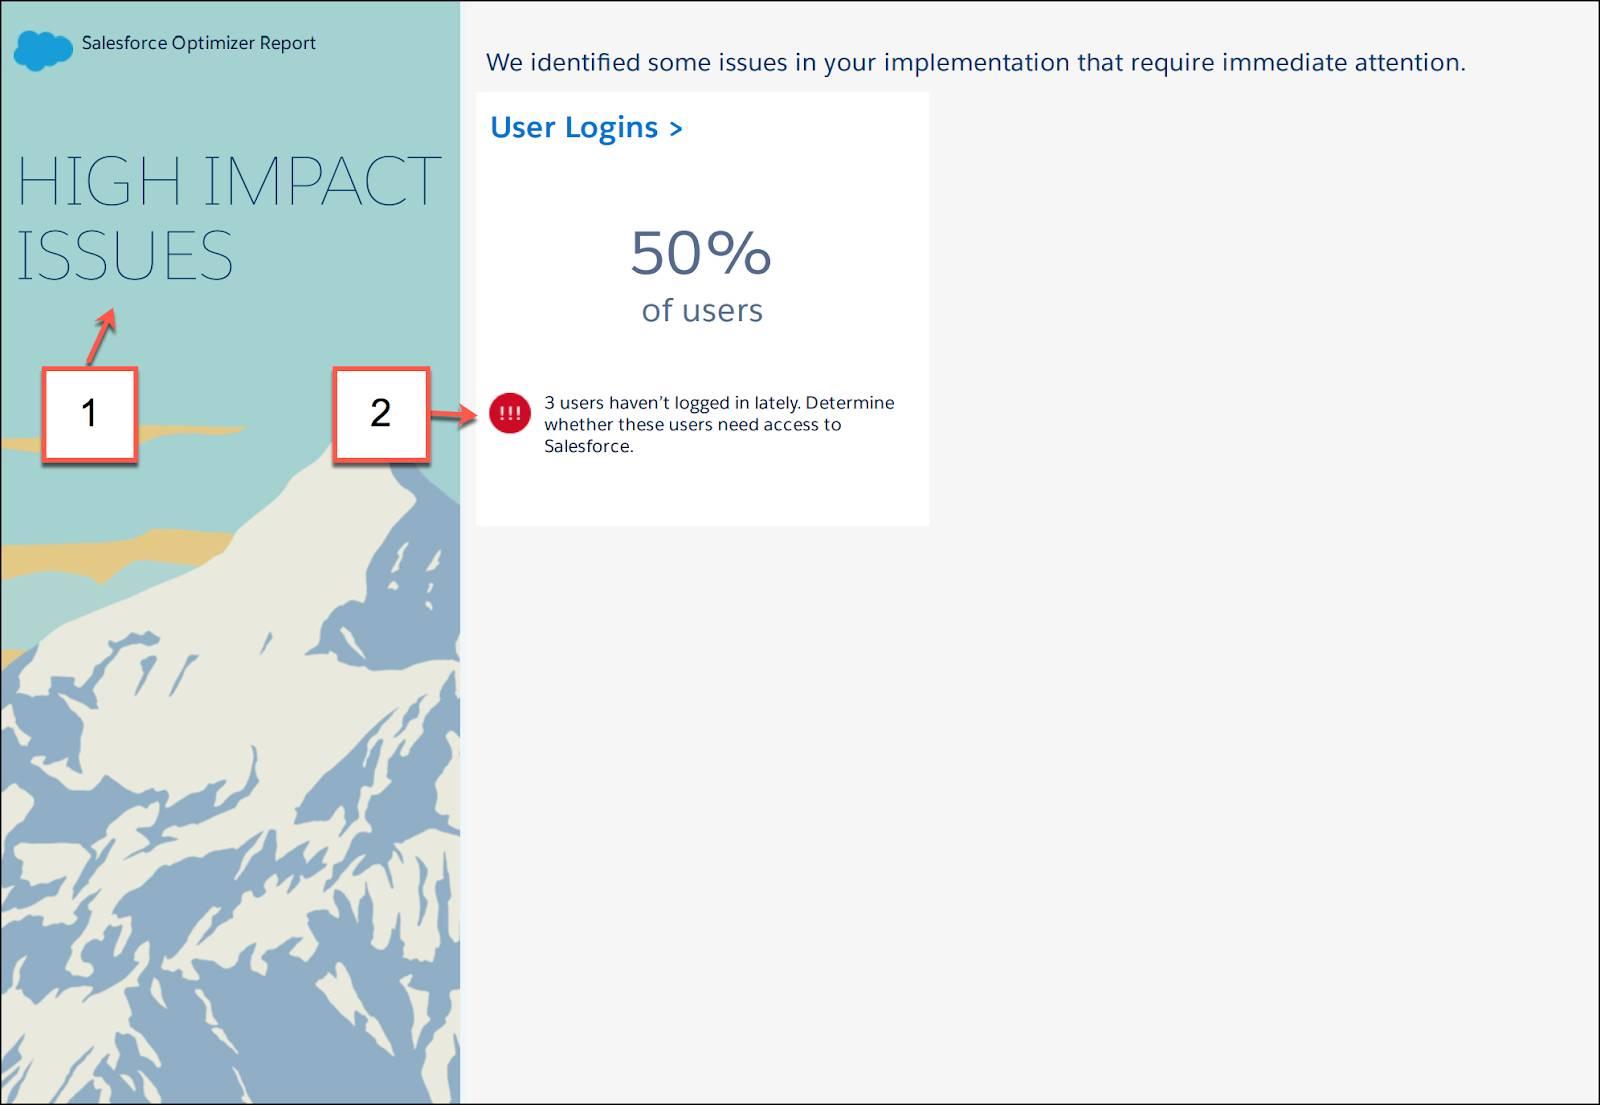 Mise en évidence des problèmes à fort impact détectés par SalesforceOptimizer